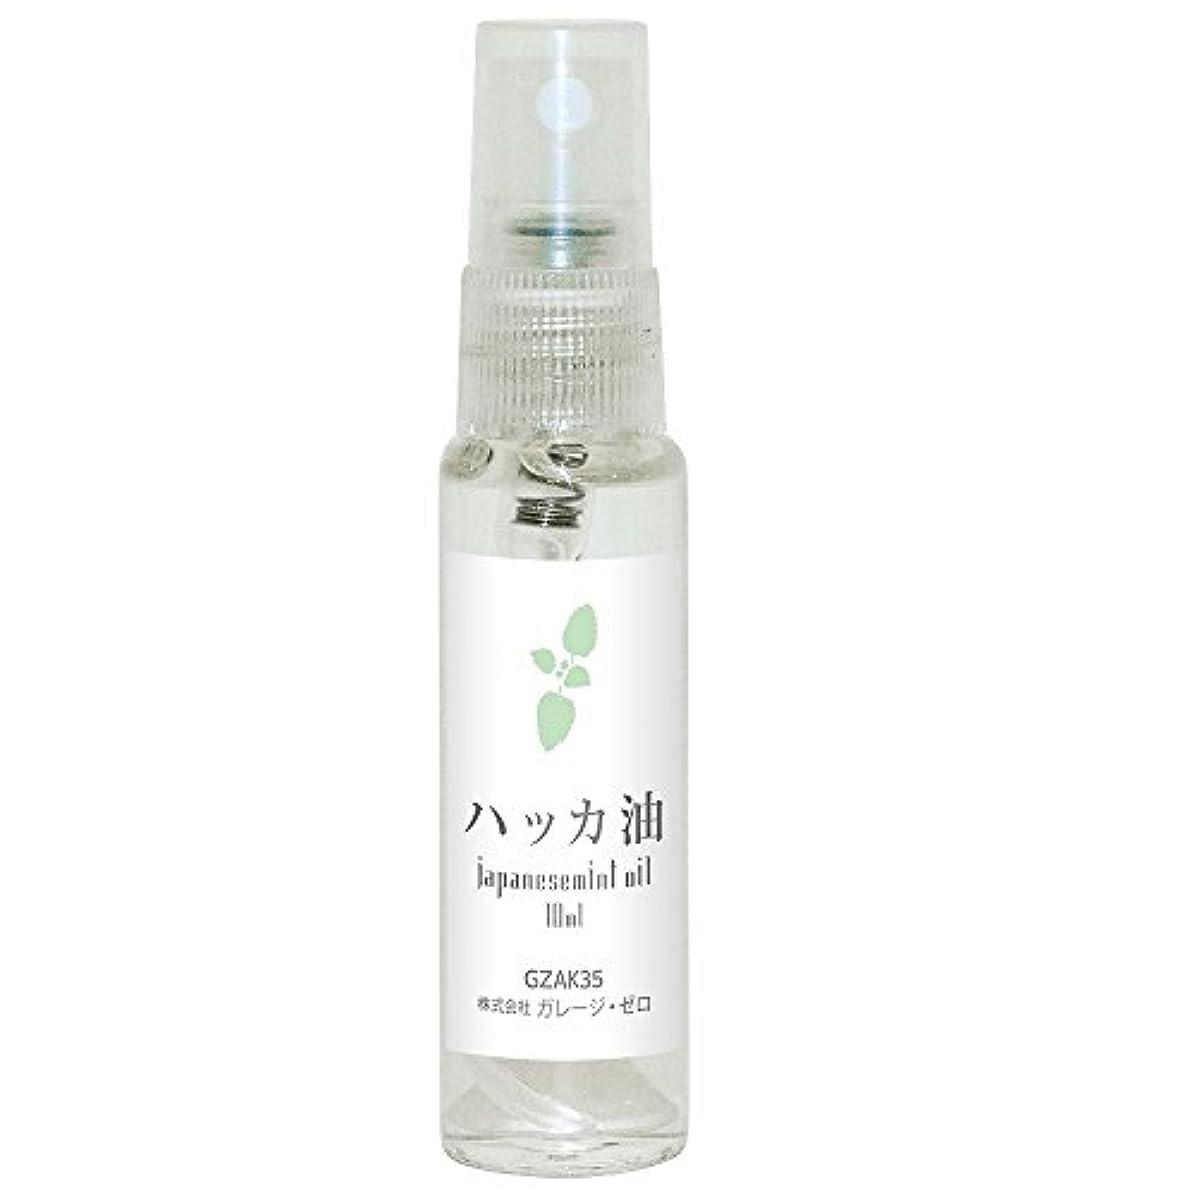 北極圏可聴瞑想的ガレージゼロ ハッカ油 透明スプレー瓶入10ml GZAK35